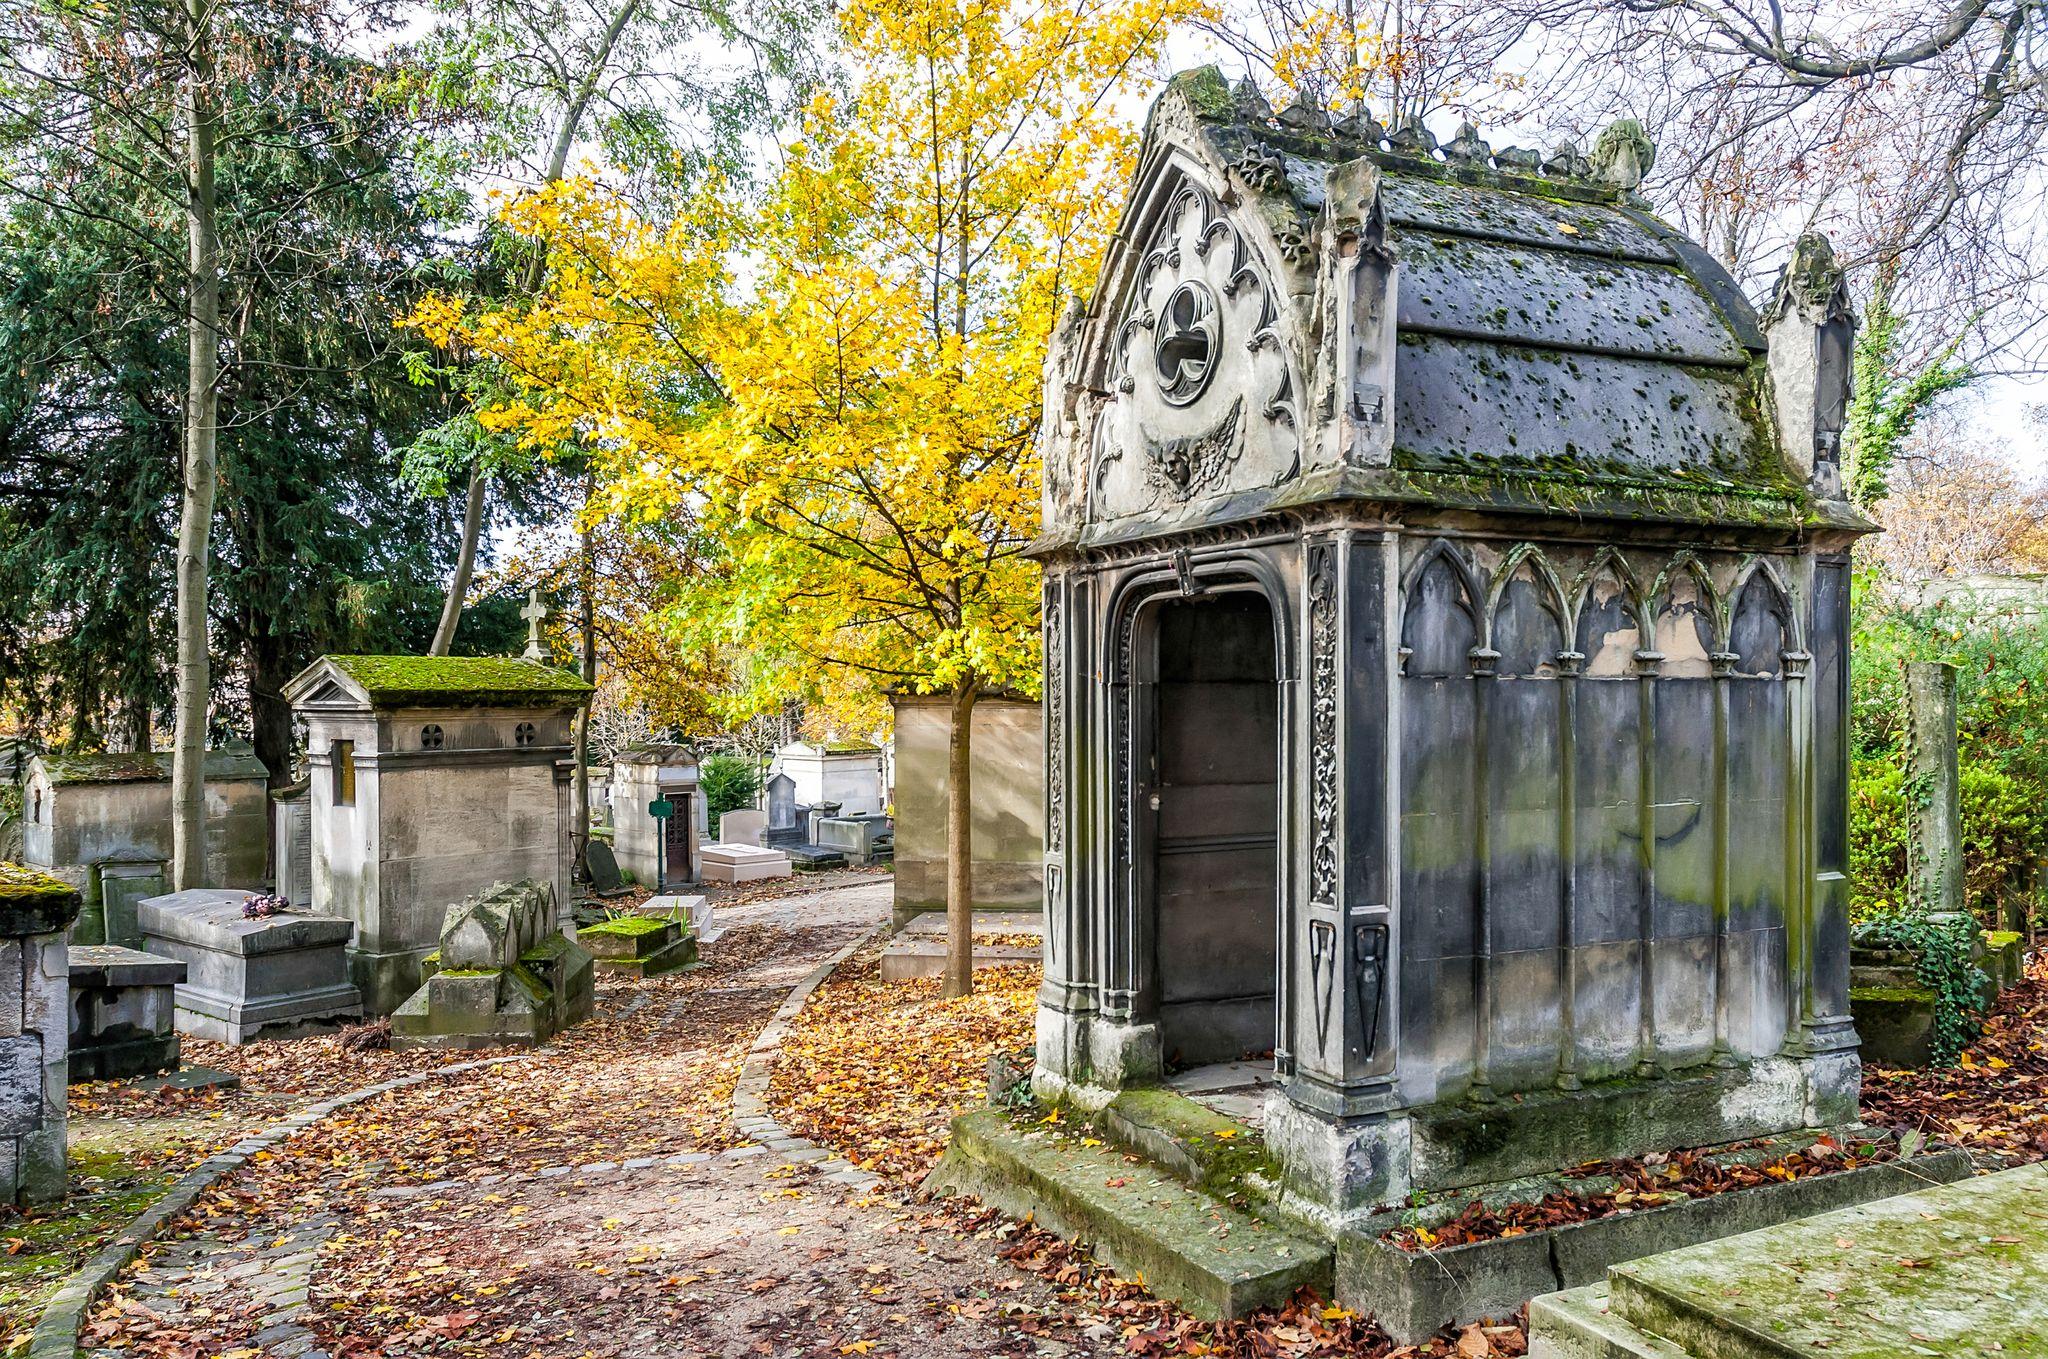 Κοιμητήριο του Περ-Λασαίζ (Cimetière du Père-Lachaise) - Παρίσι | TopTraveller